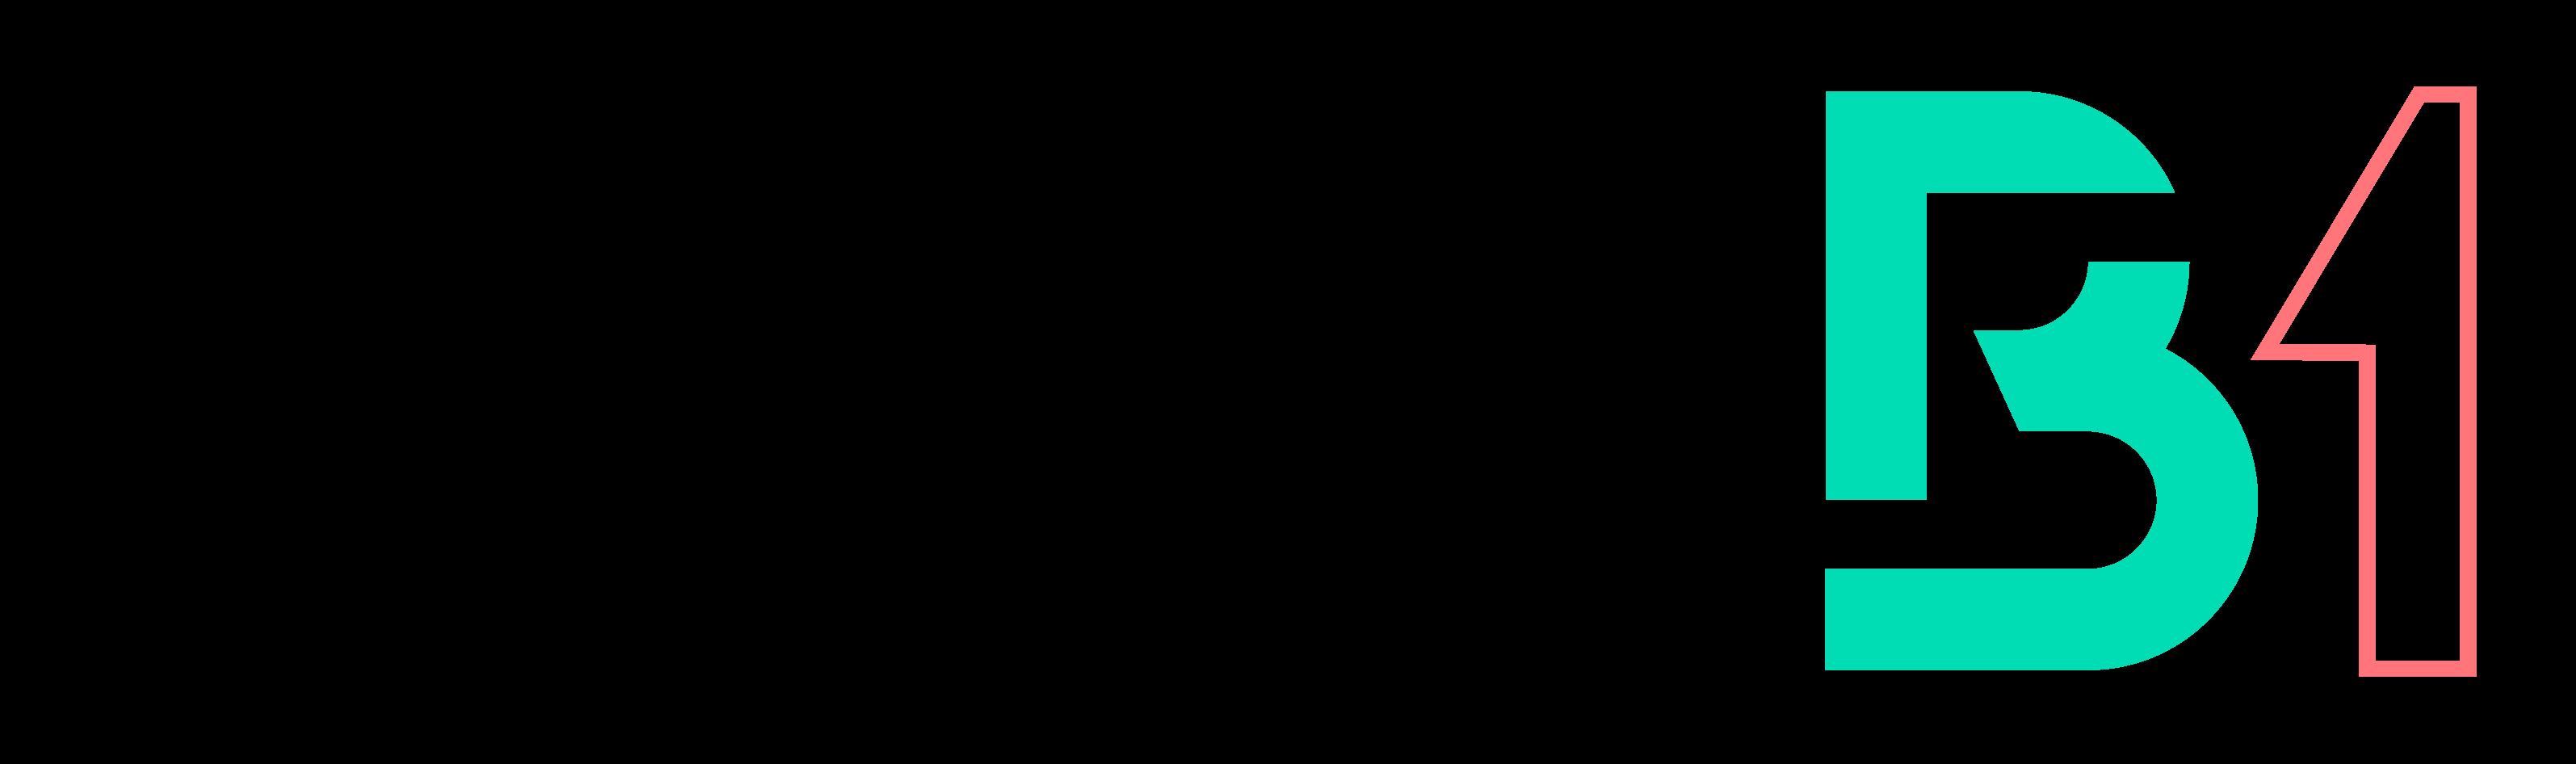 DraperB1